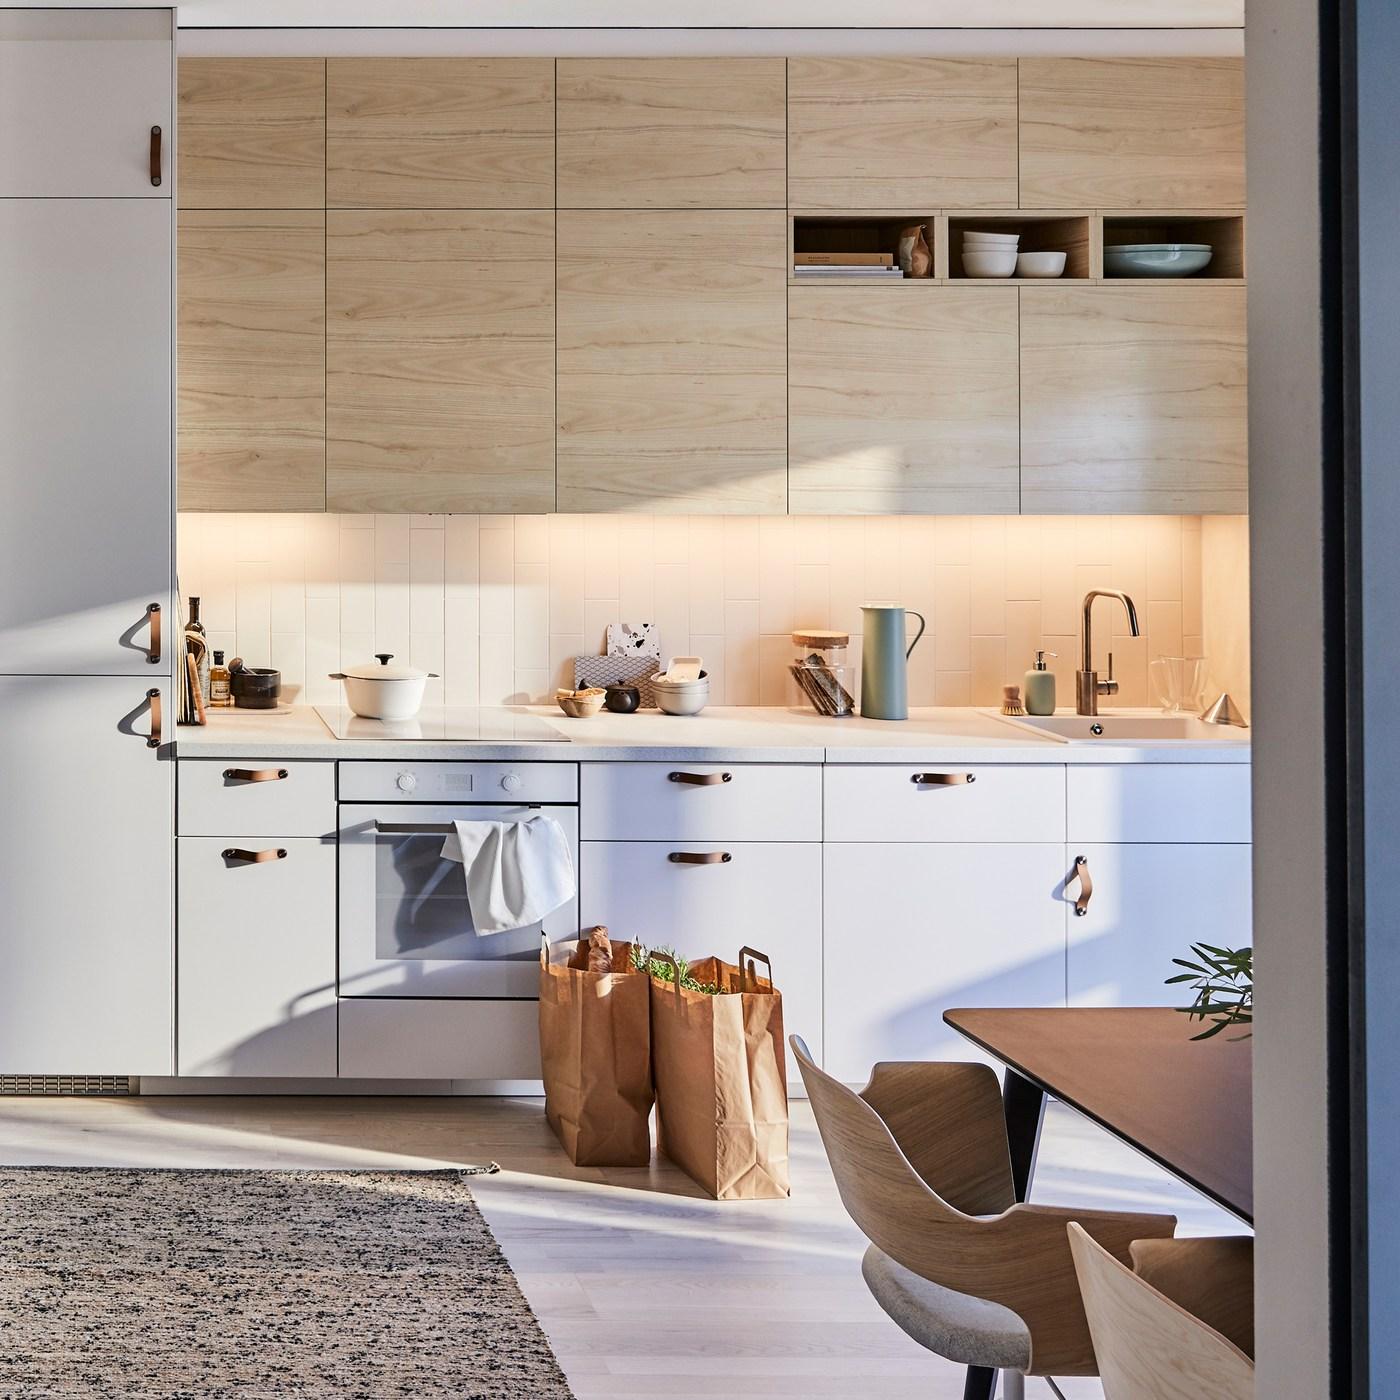 مطبخ METOD من ايكيا بواجهات باب من الخشب الفاتح ASKERSUND بتأثير خشب الدردار مع سجادة حياكة مسطحة MELHOLT مصنوعة من الجوت والصوف.